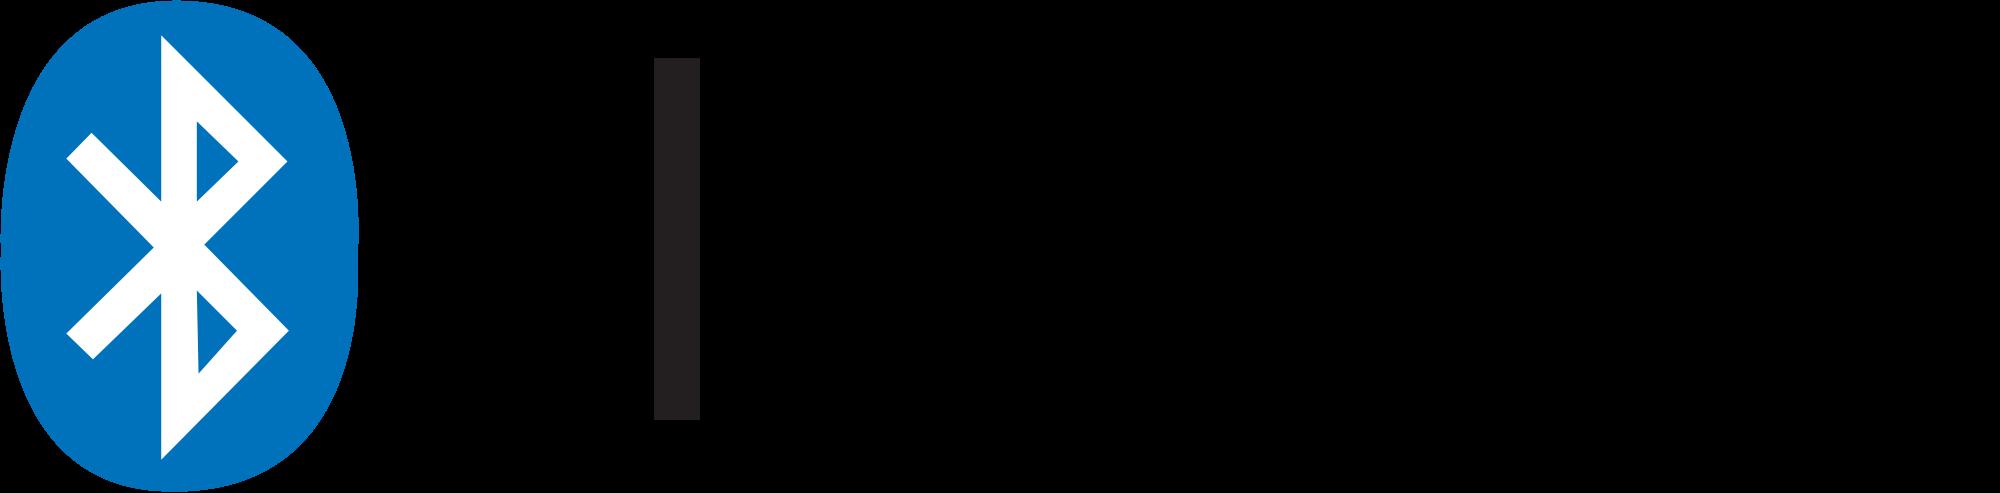 Водолазен компютър с дигитален компас ALADIN SPORT MATRIX - Scubapro